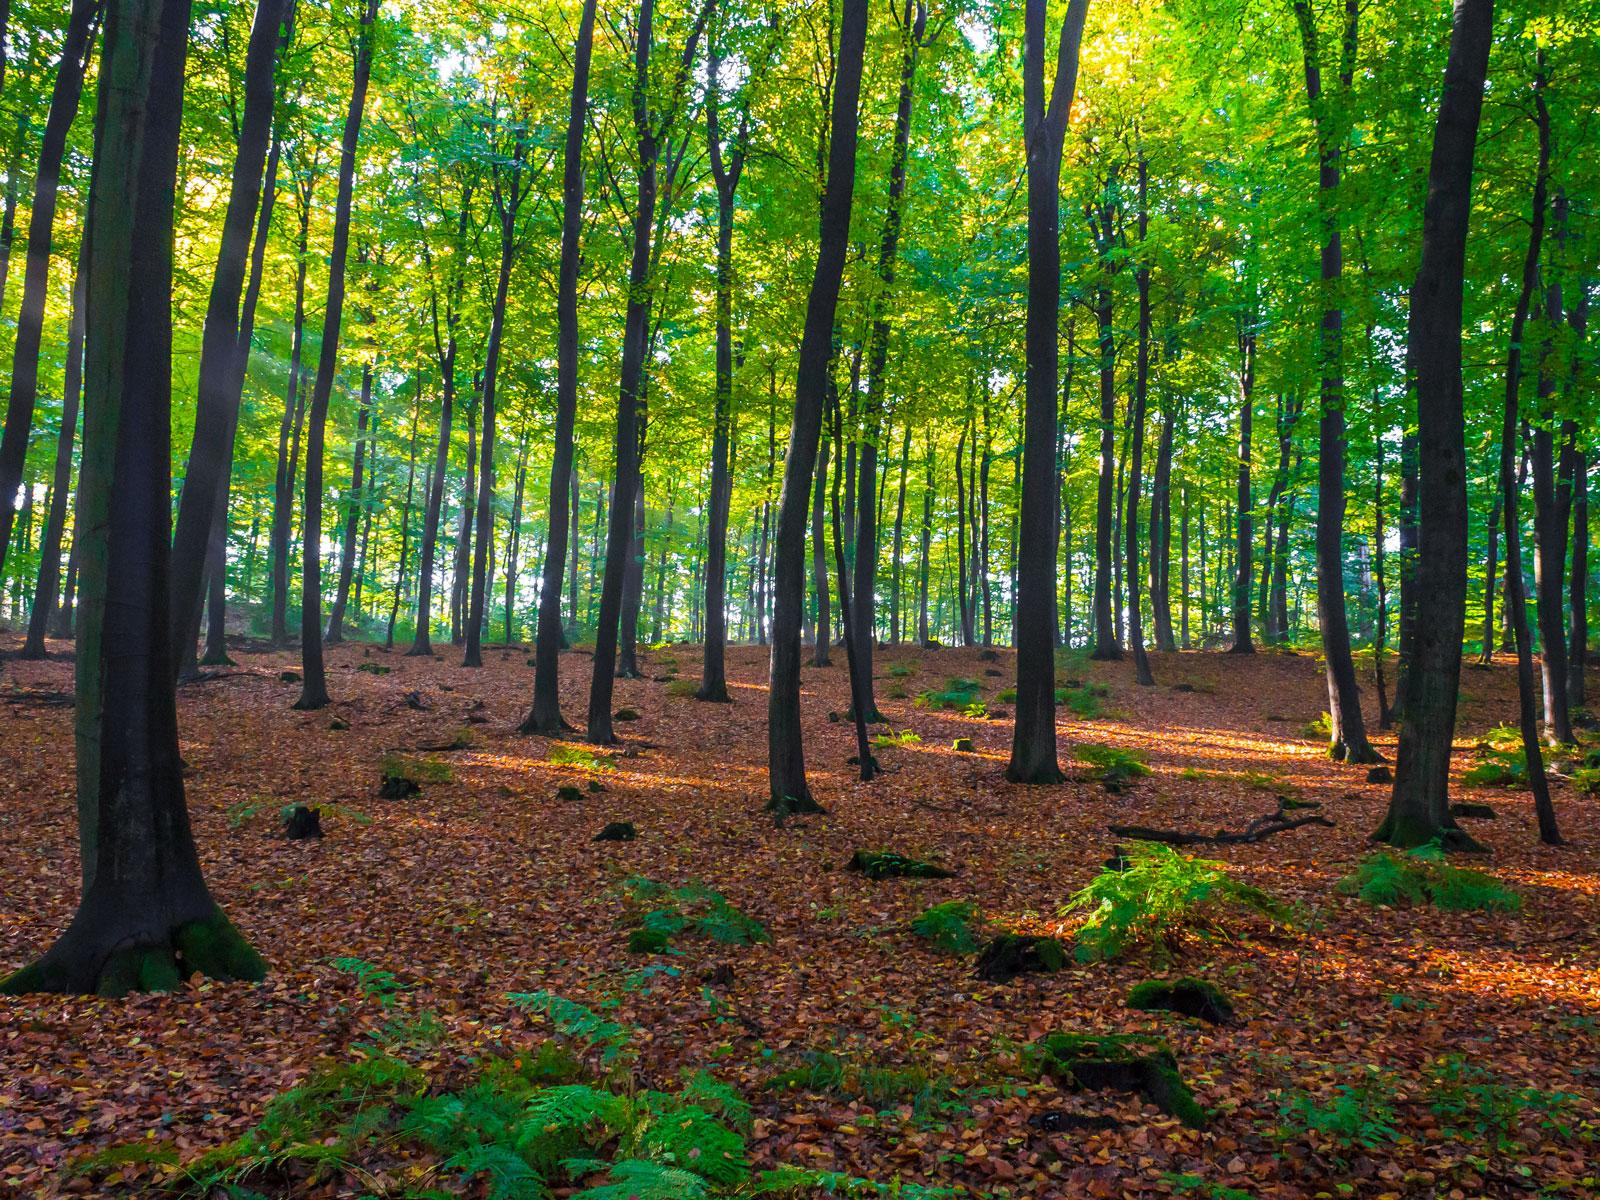 Einschichtiger Altersklassenwald